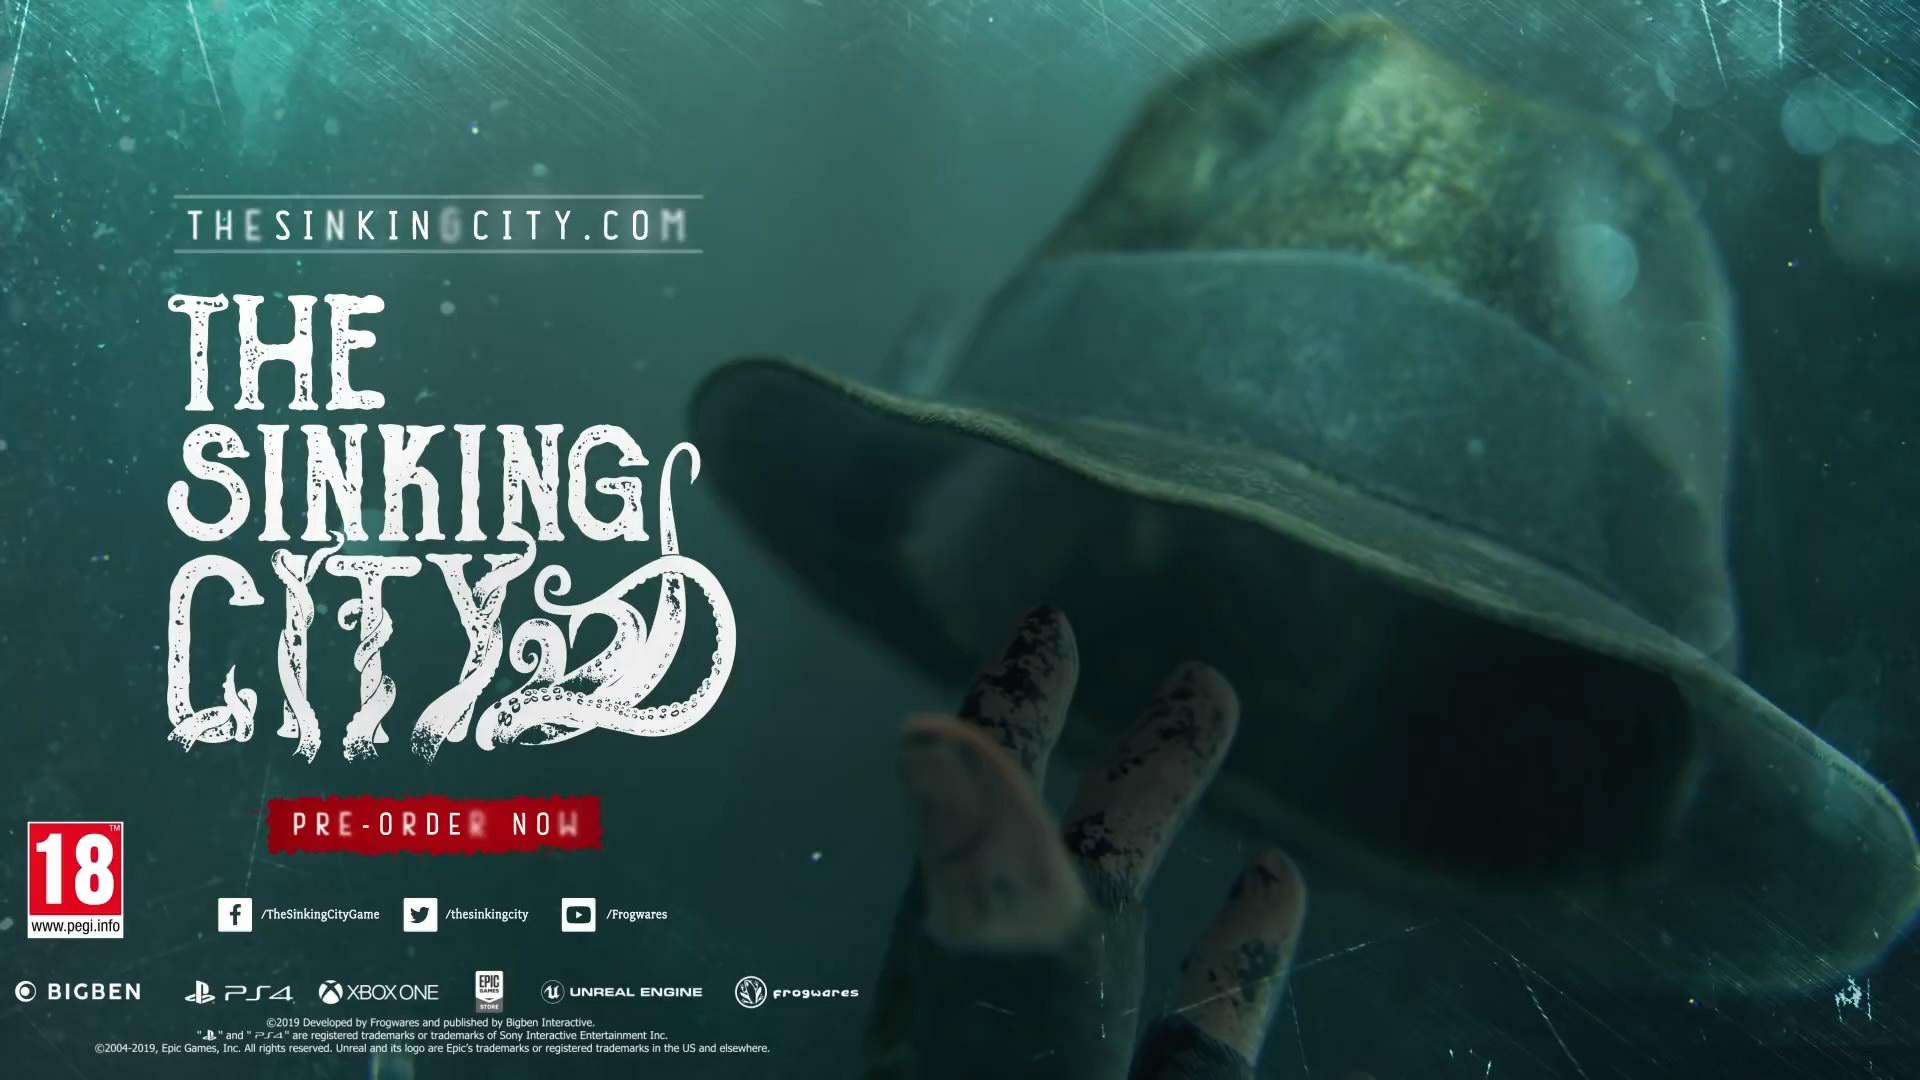 《沉没之城》新预告片发布 惊悚诡异的克苏鲁世界